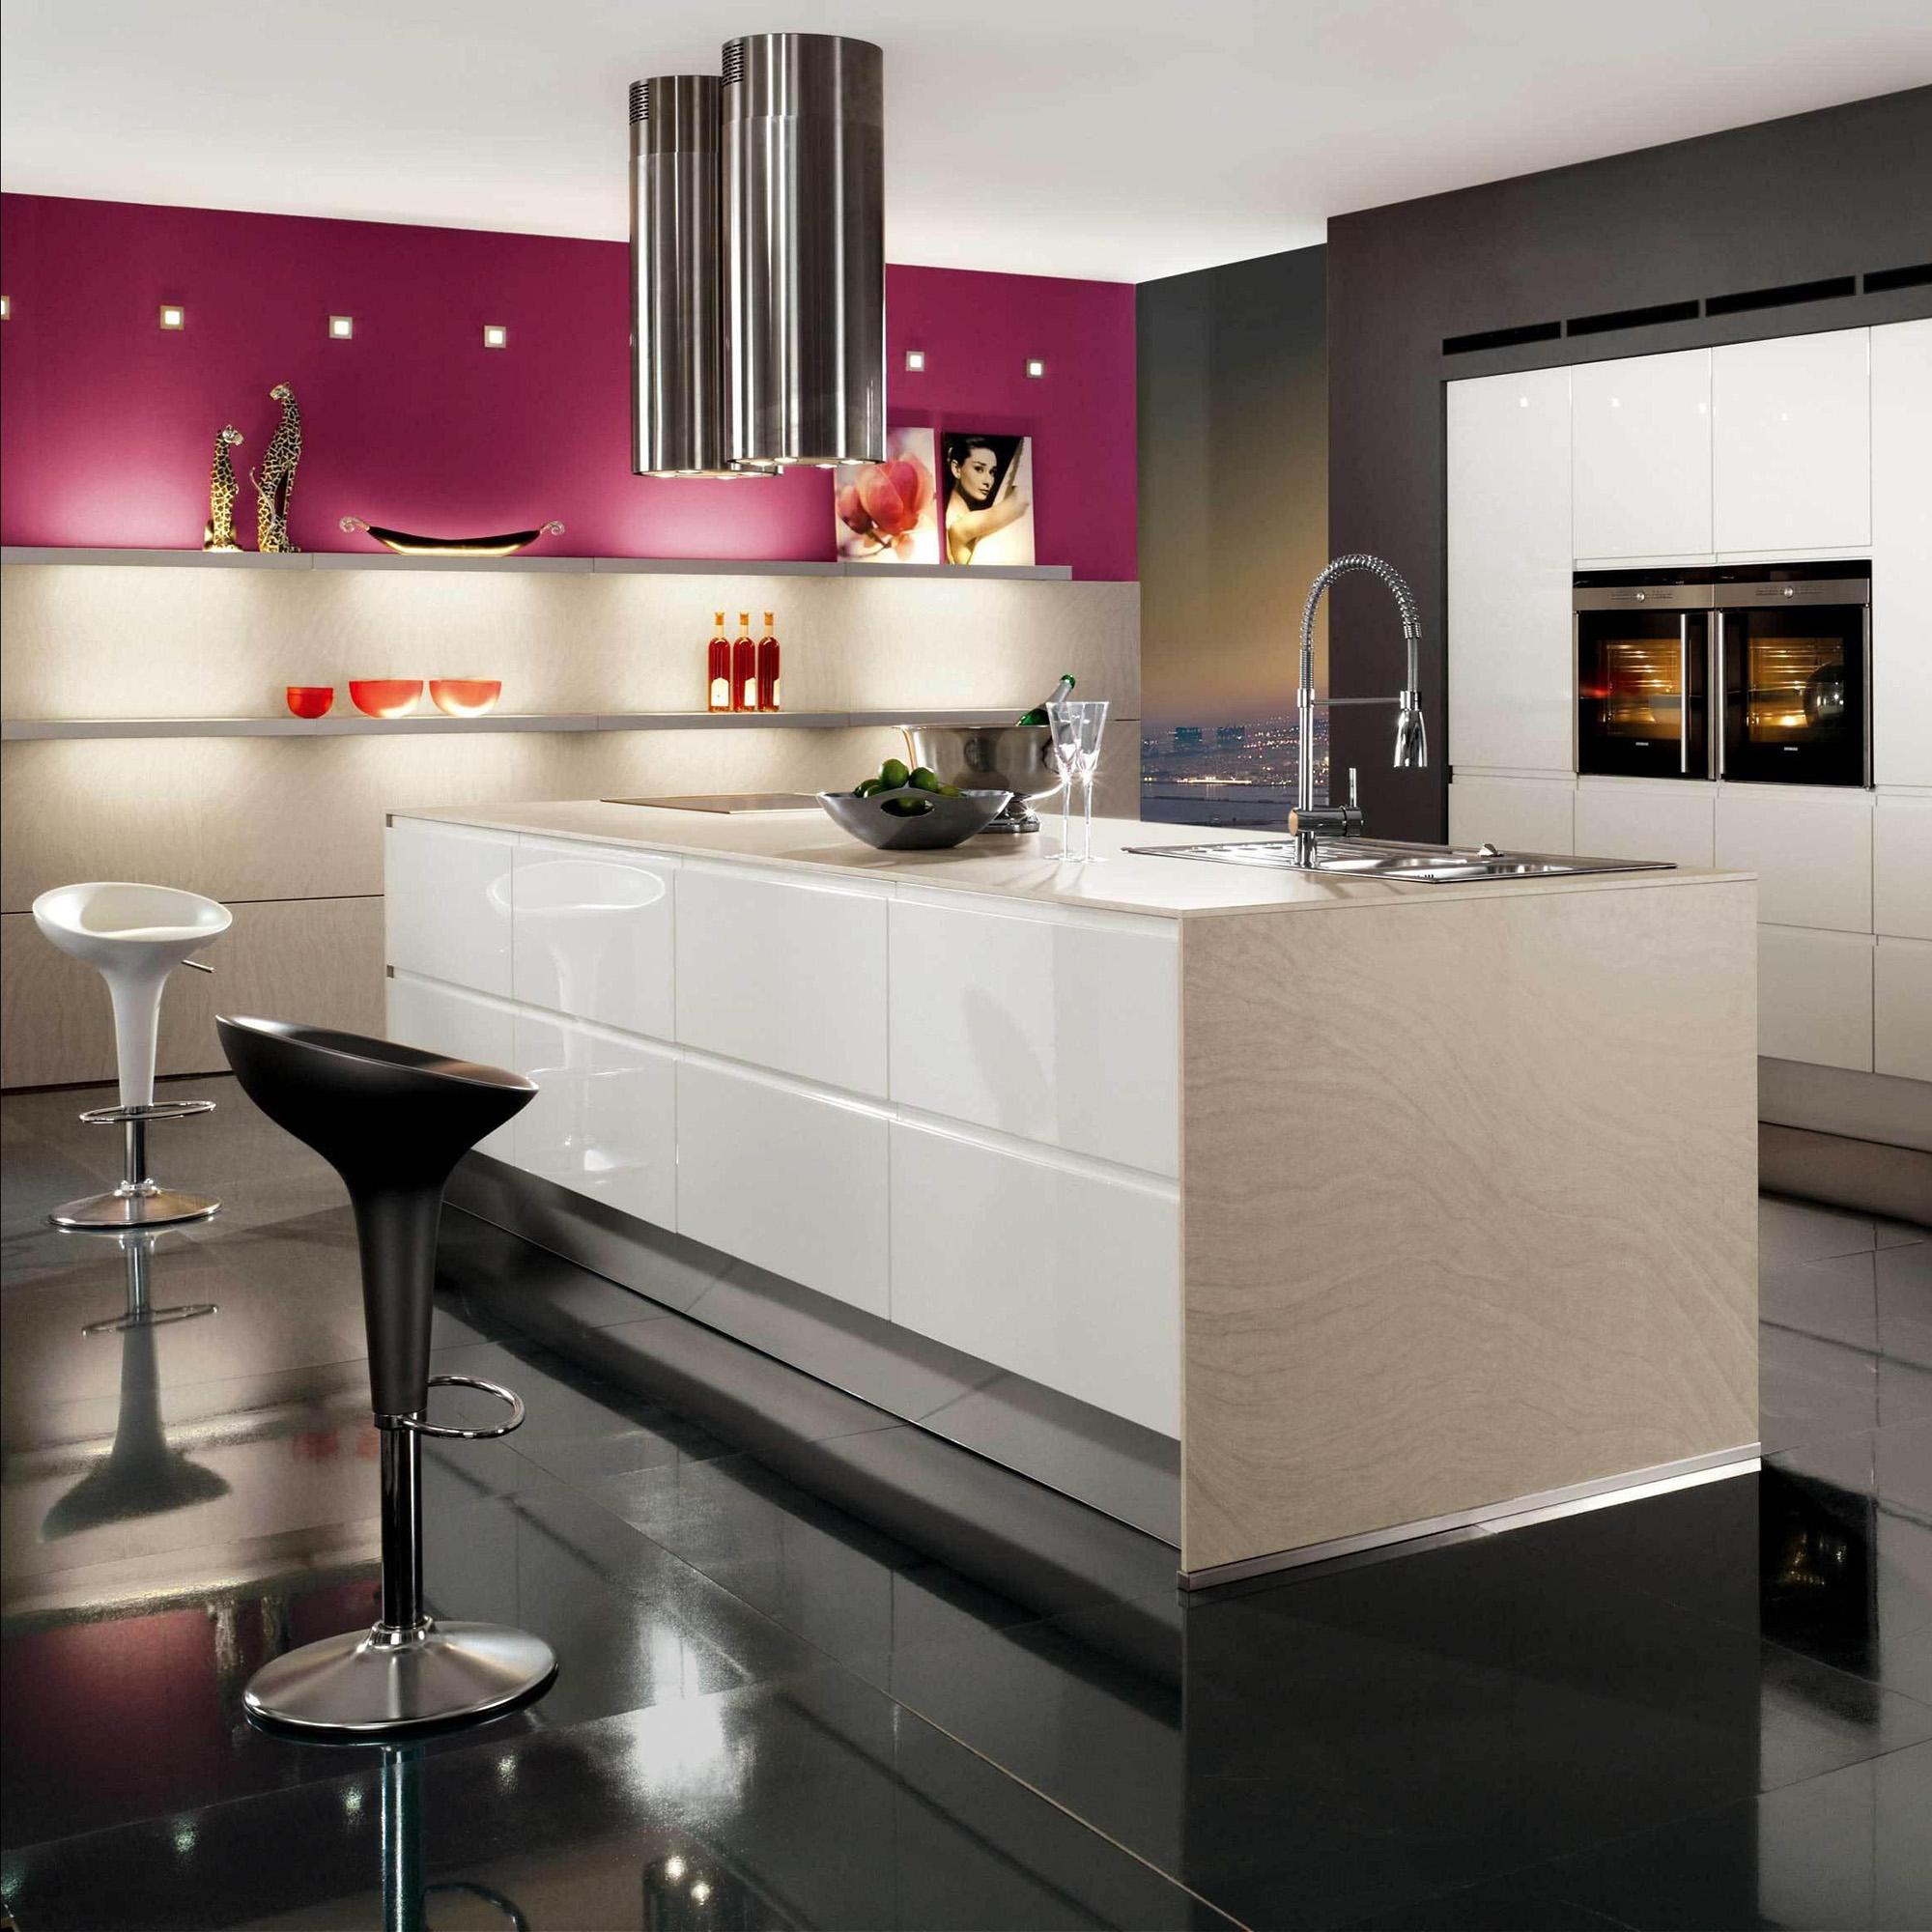 Черно-белая минималистичная кухня с островом с розовым акцентом на стене